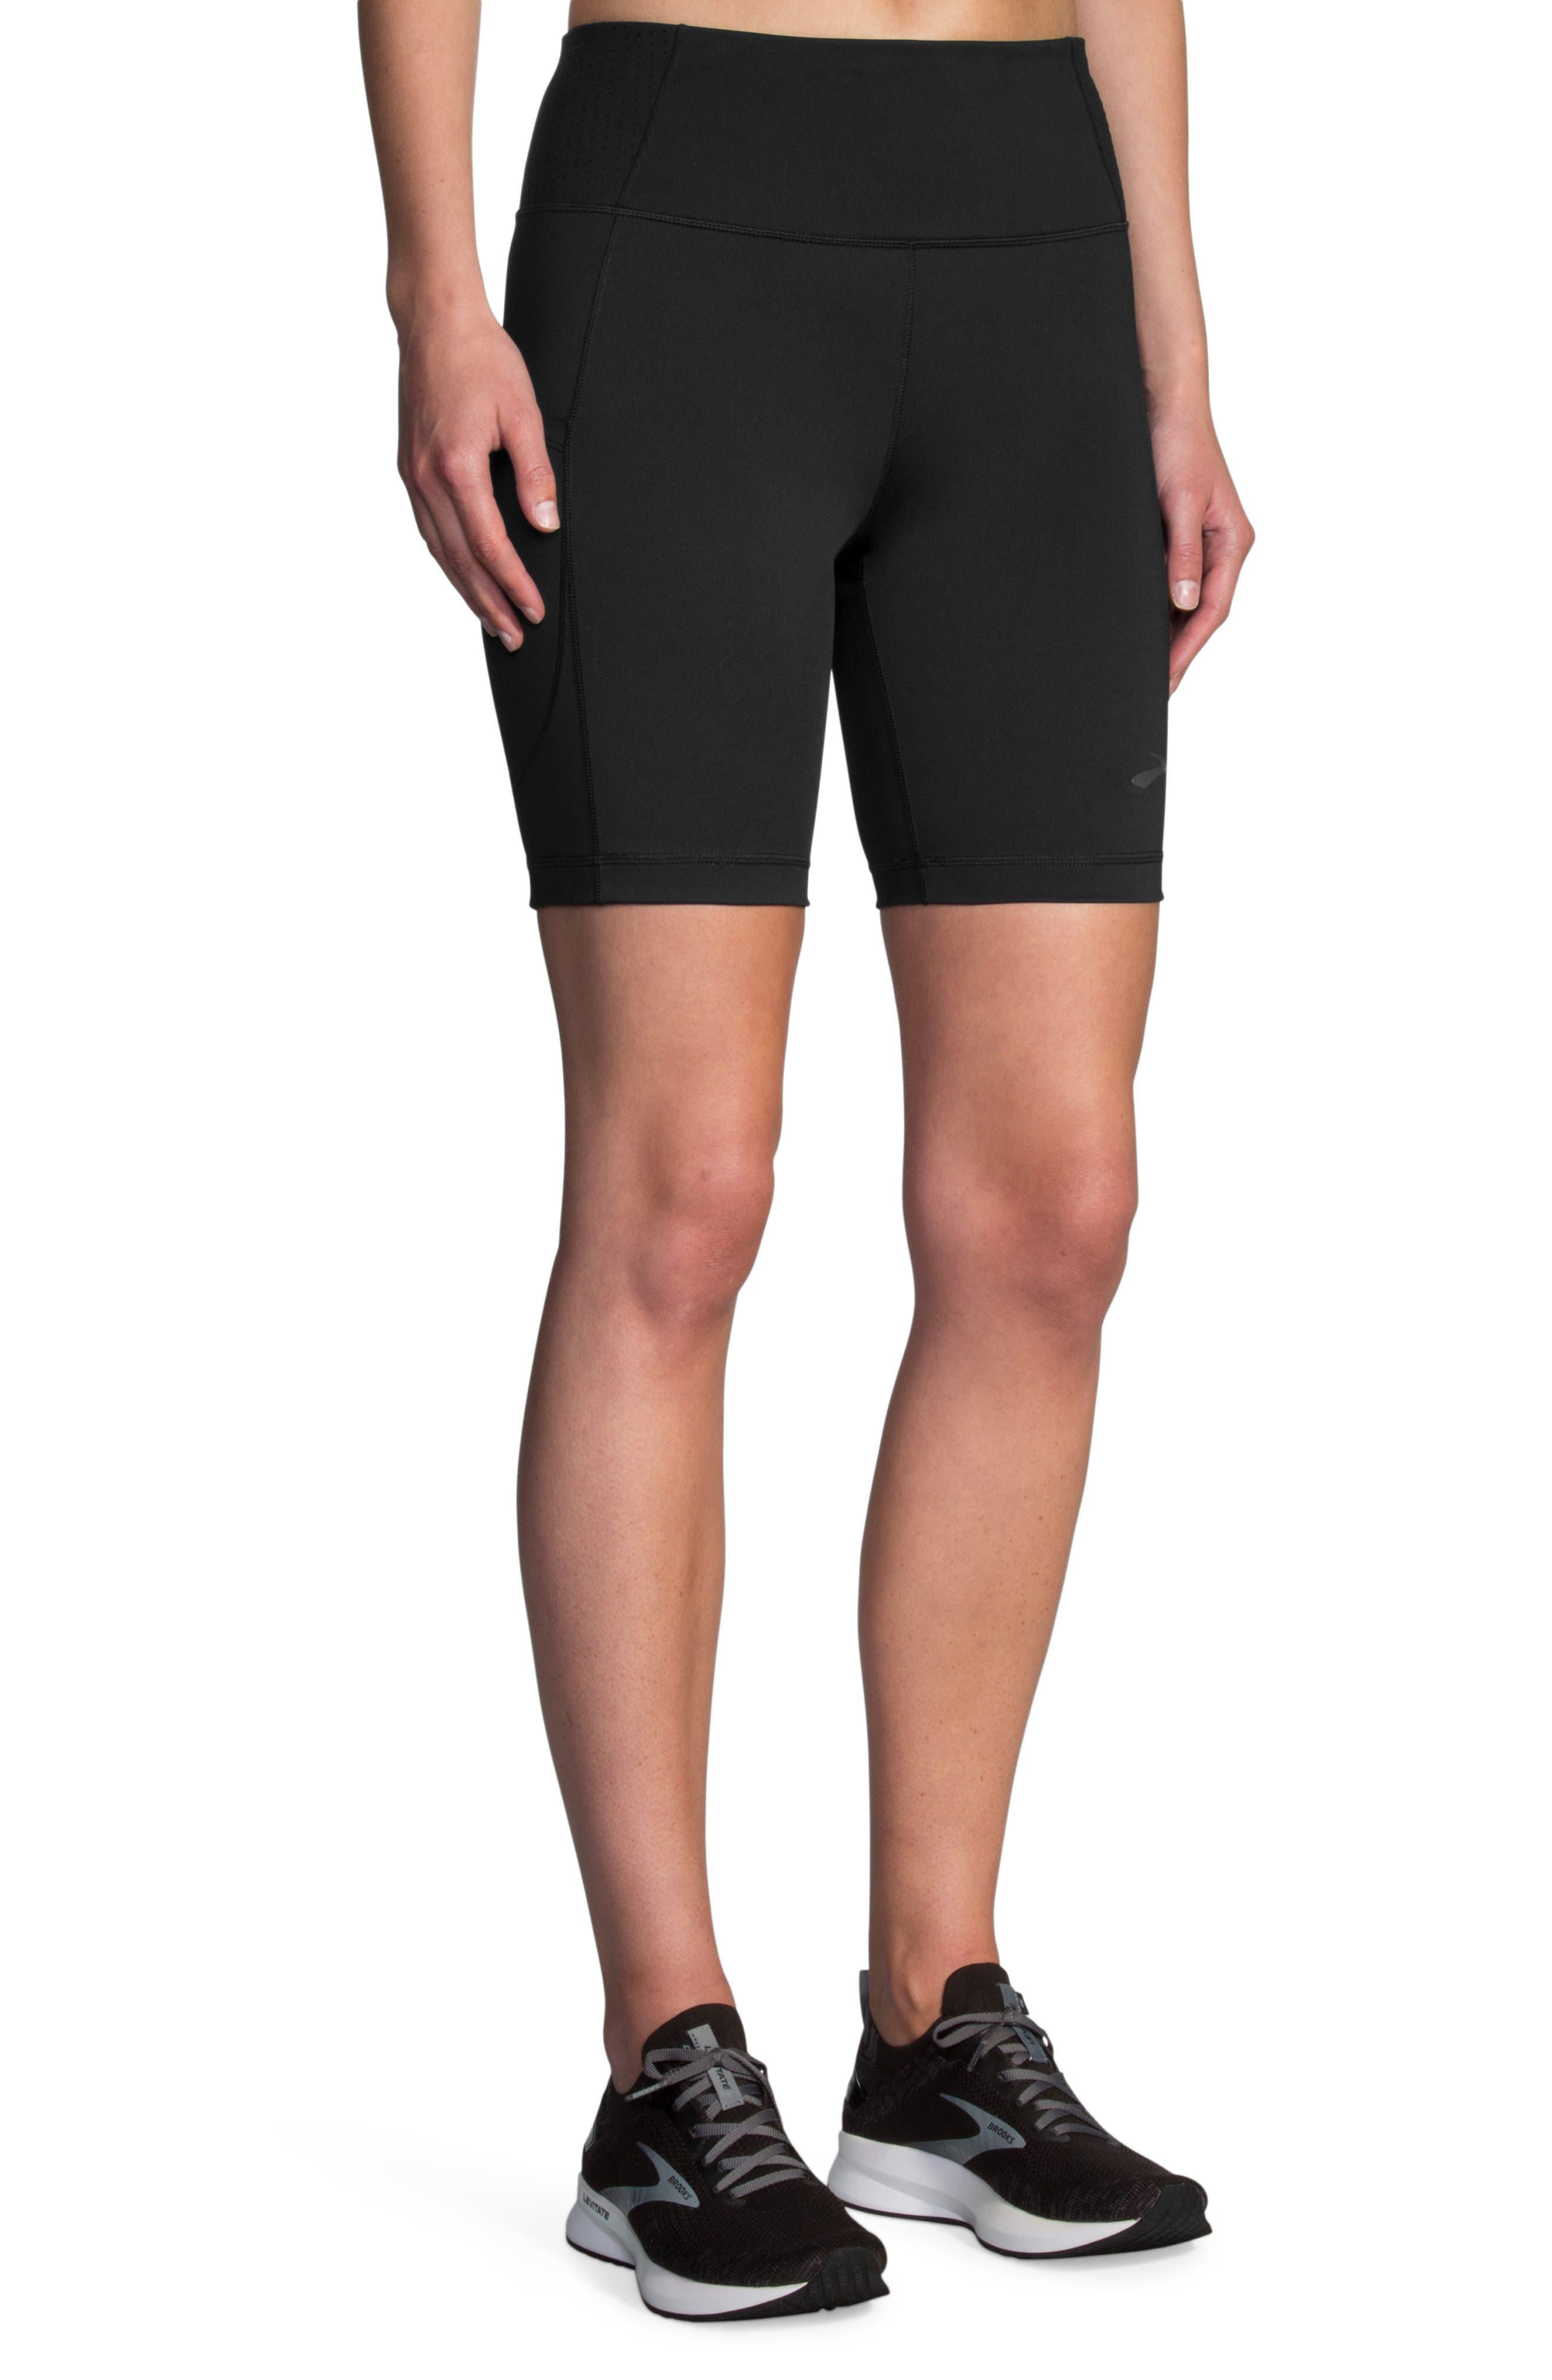 Method 8-Inch Running Shorts